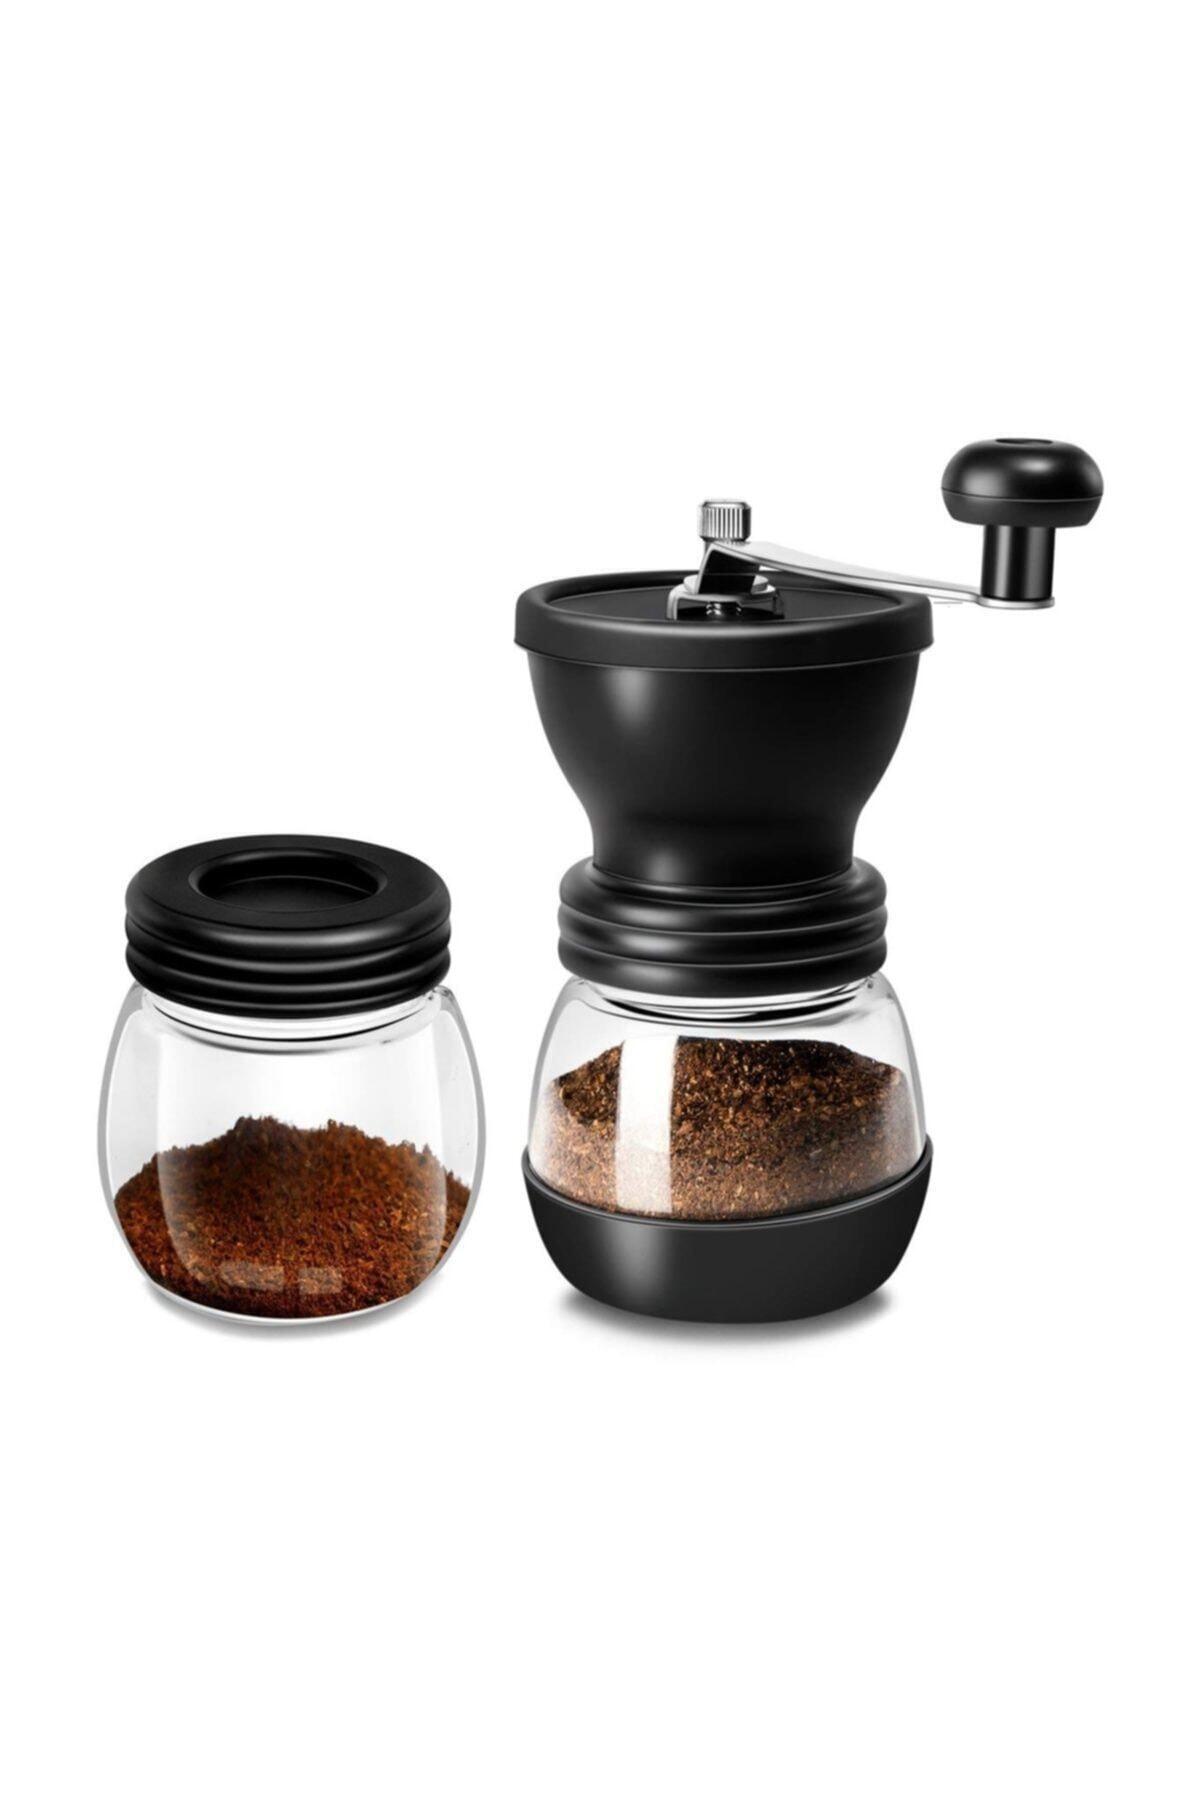 Doğal Life Öğütücülü Kahve Değirmeni Cam Seramik 1